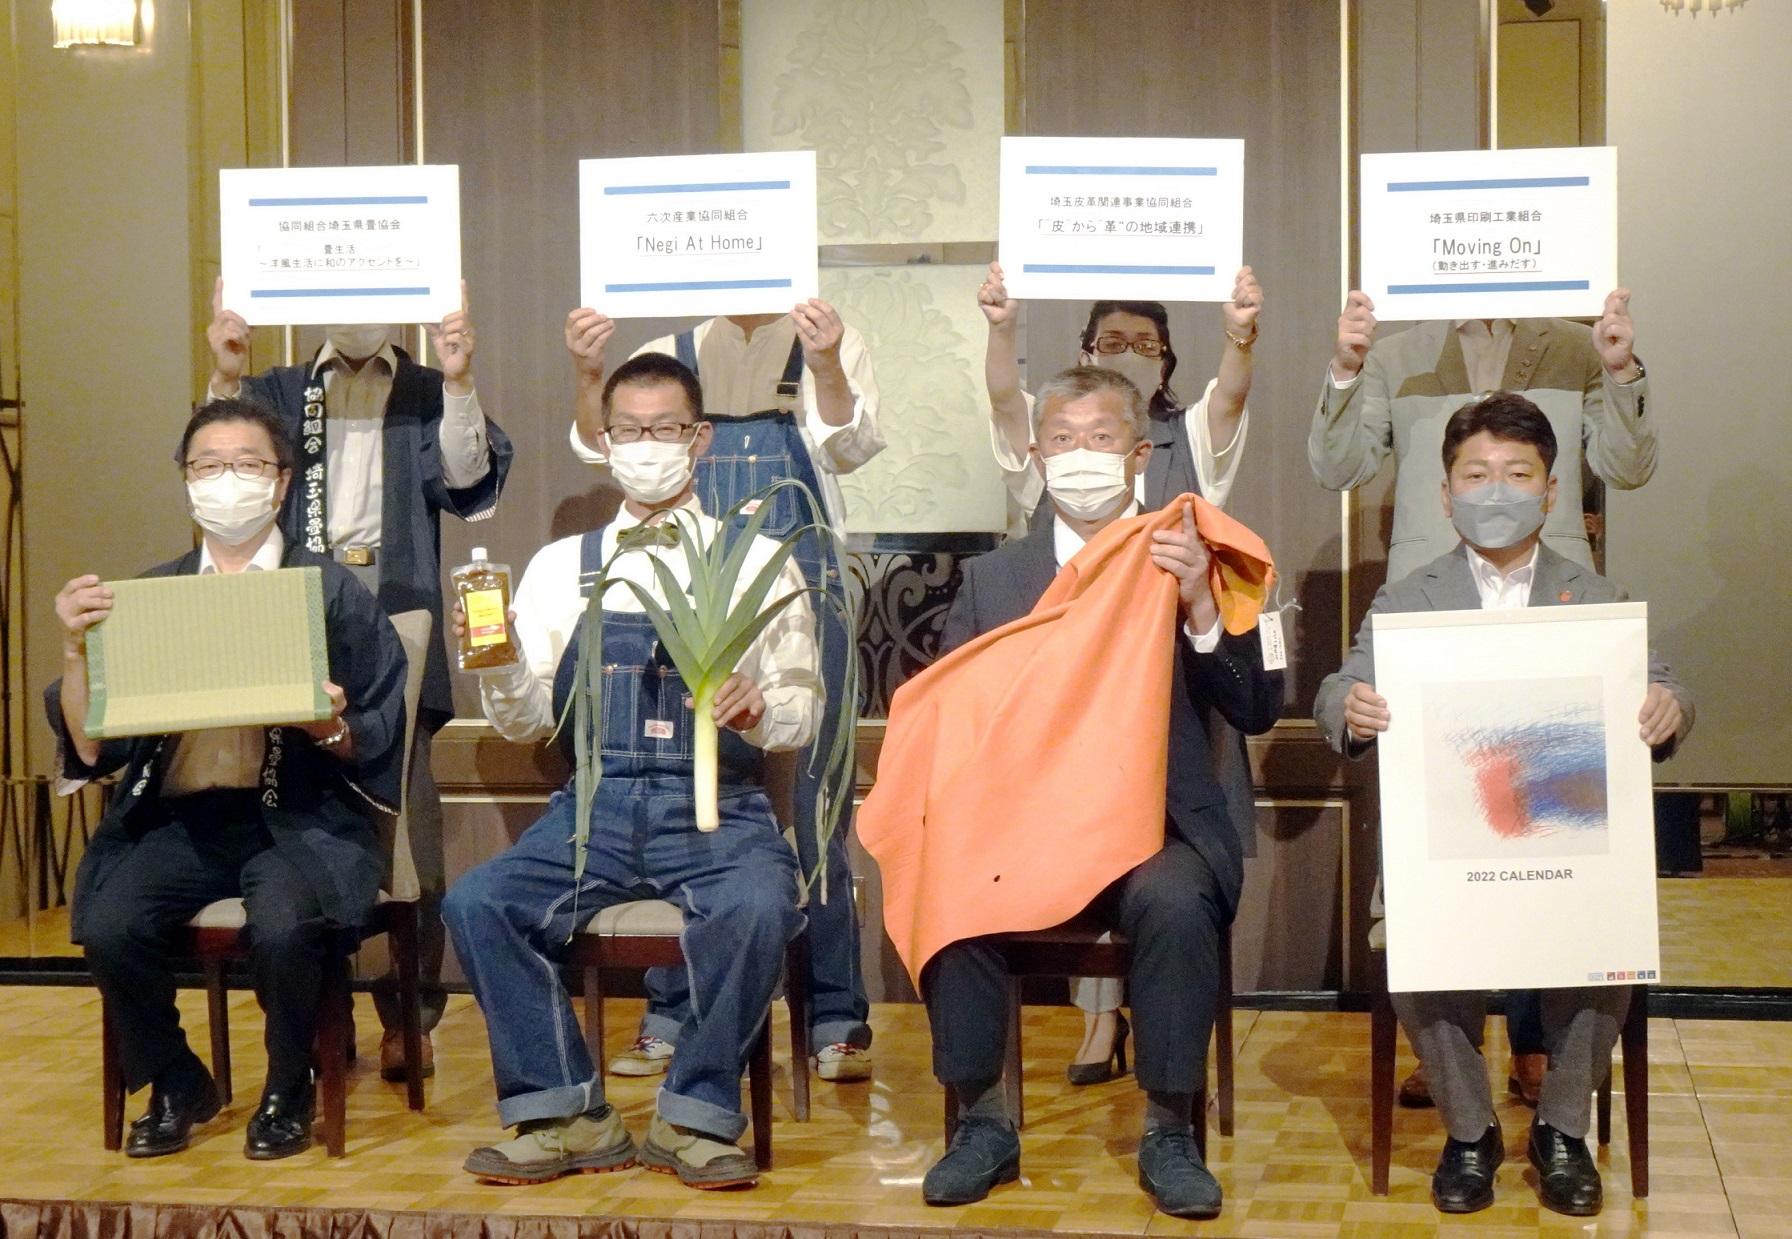 埼玉工組_カレンダー集合写真DSC04317